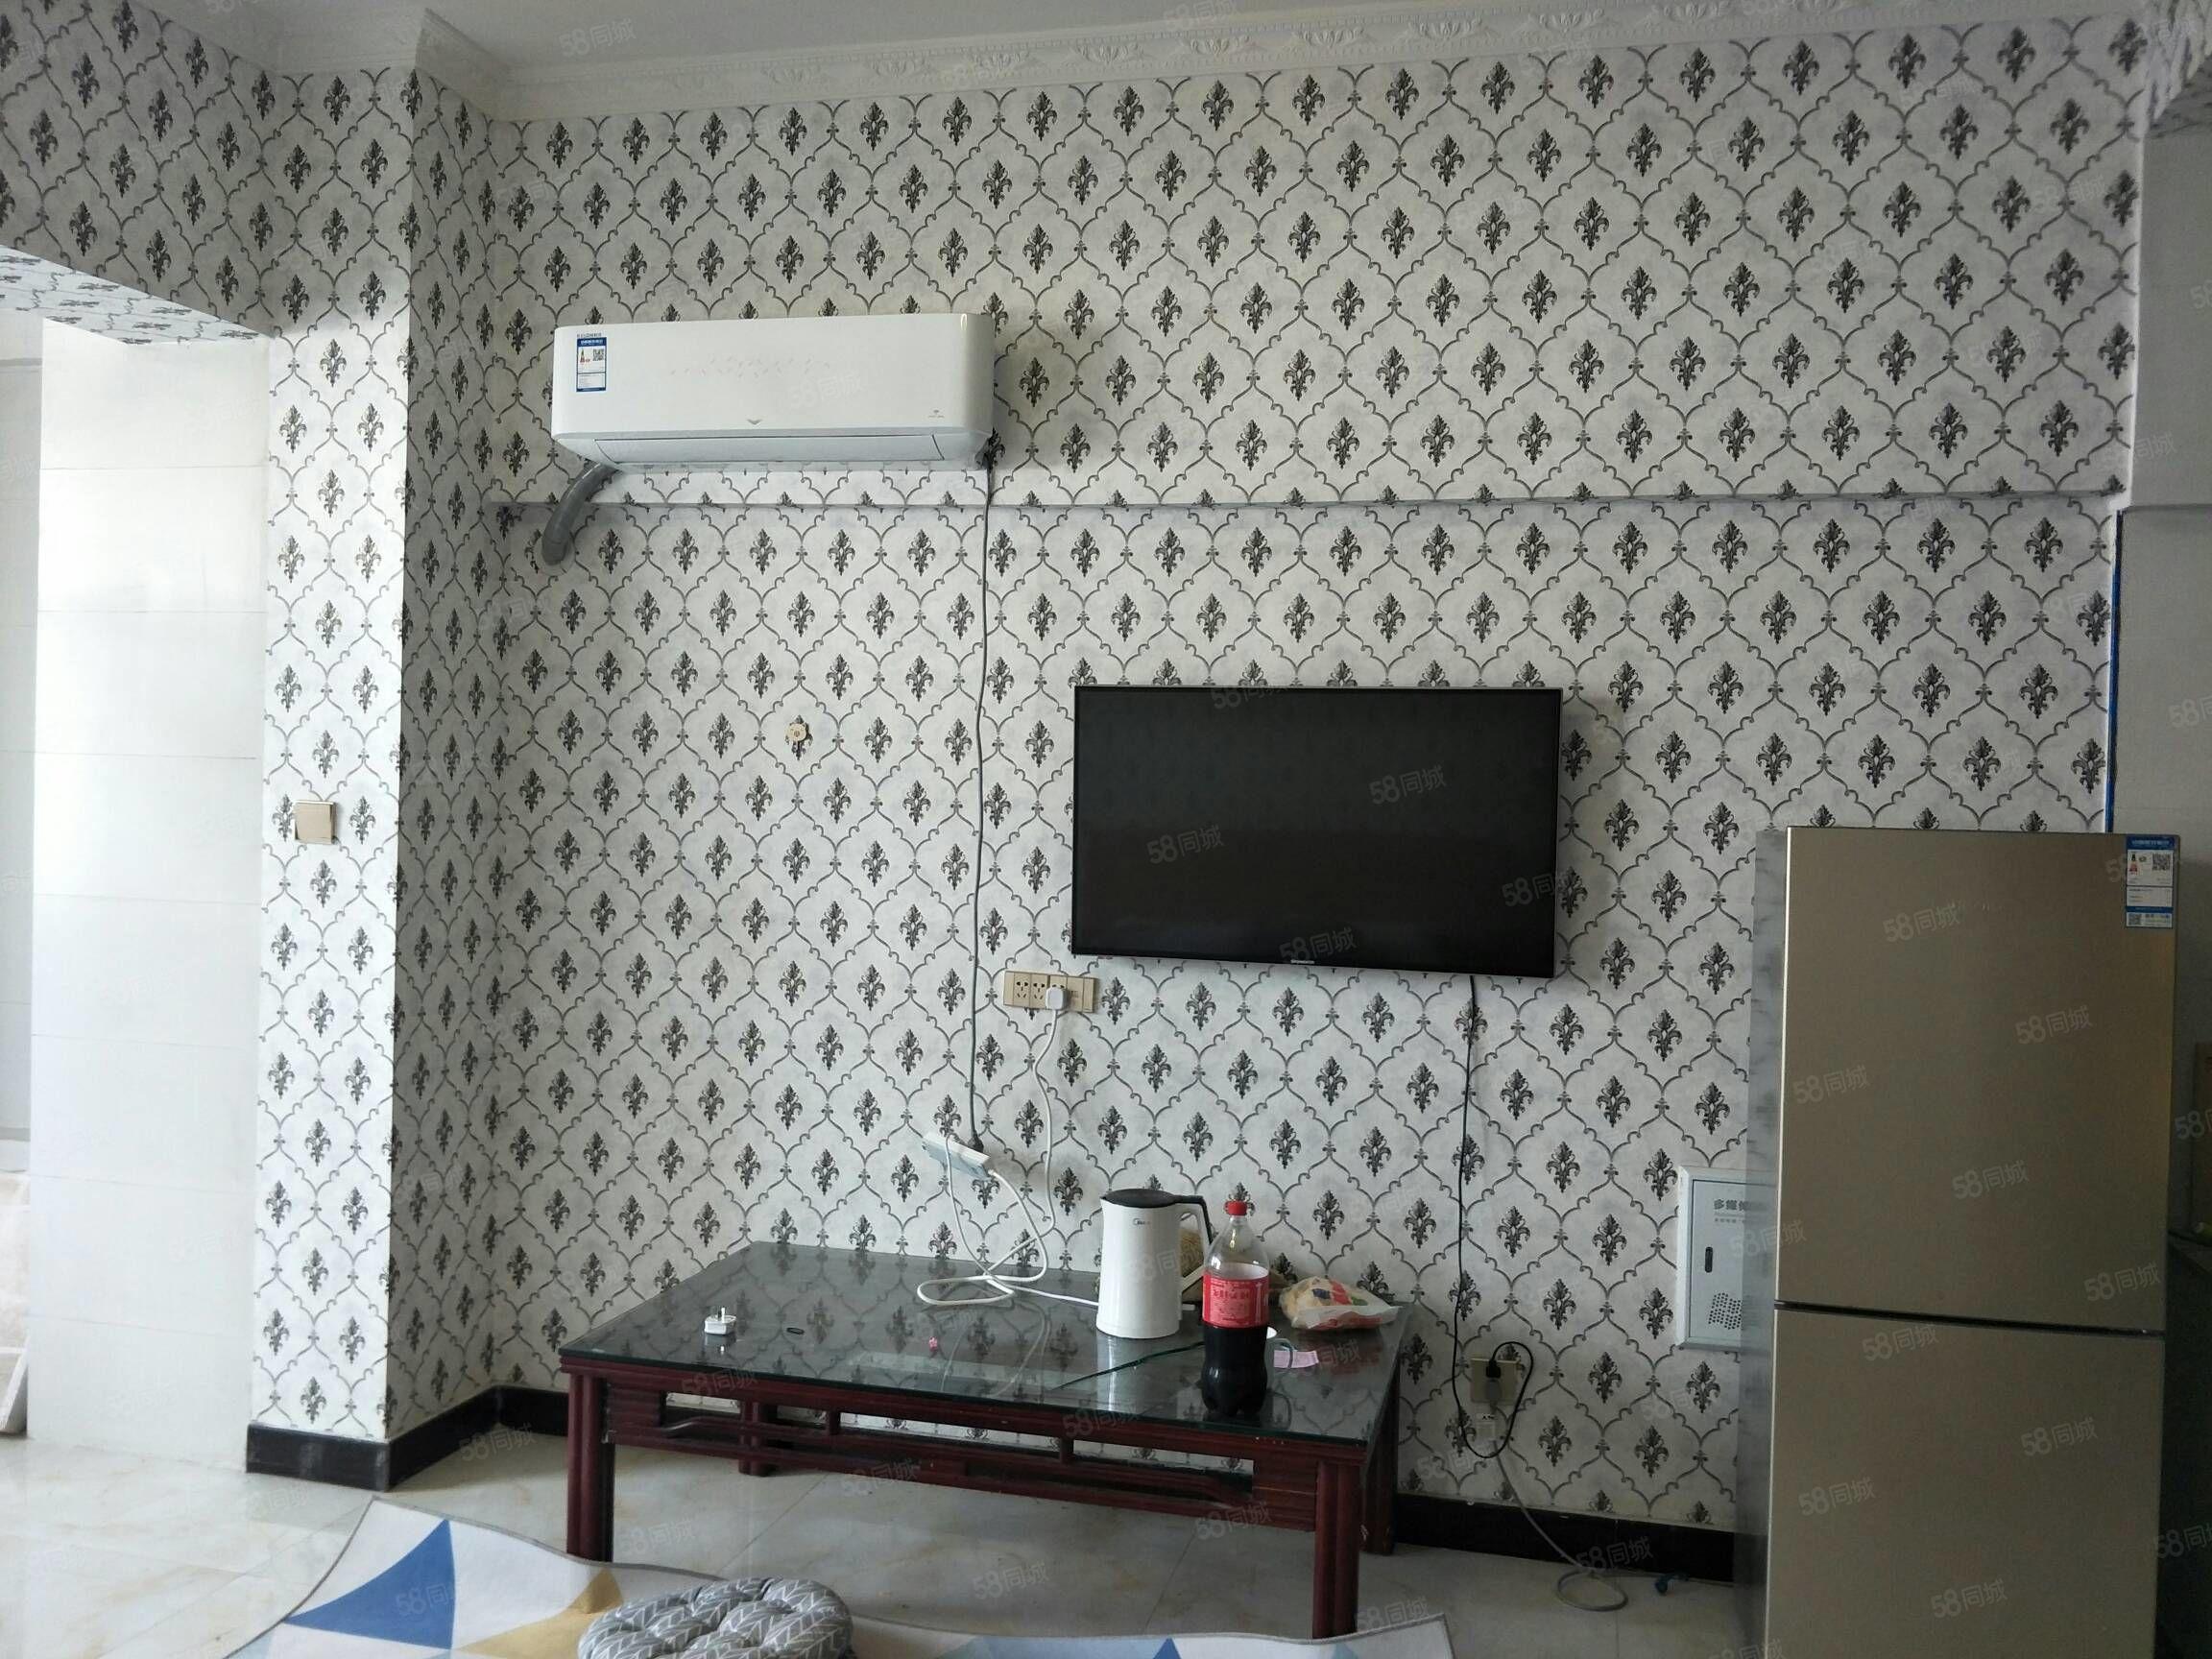 八一路新一峰生活广场能短租的公寓房来了真正家具家电齐全